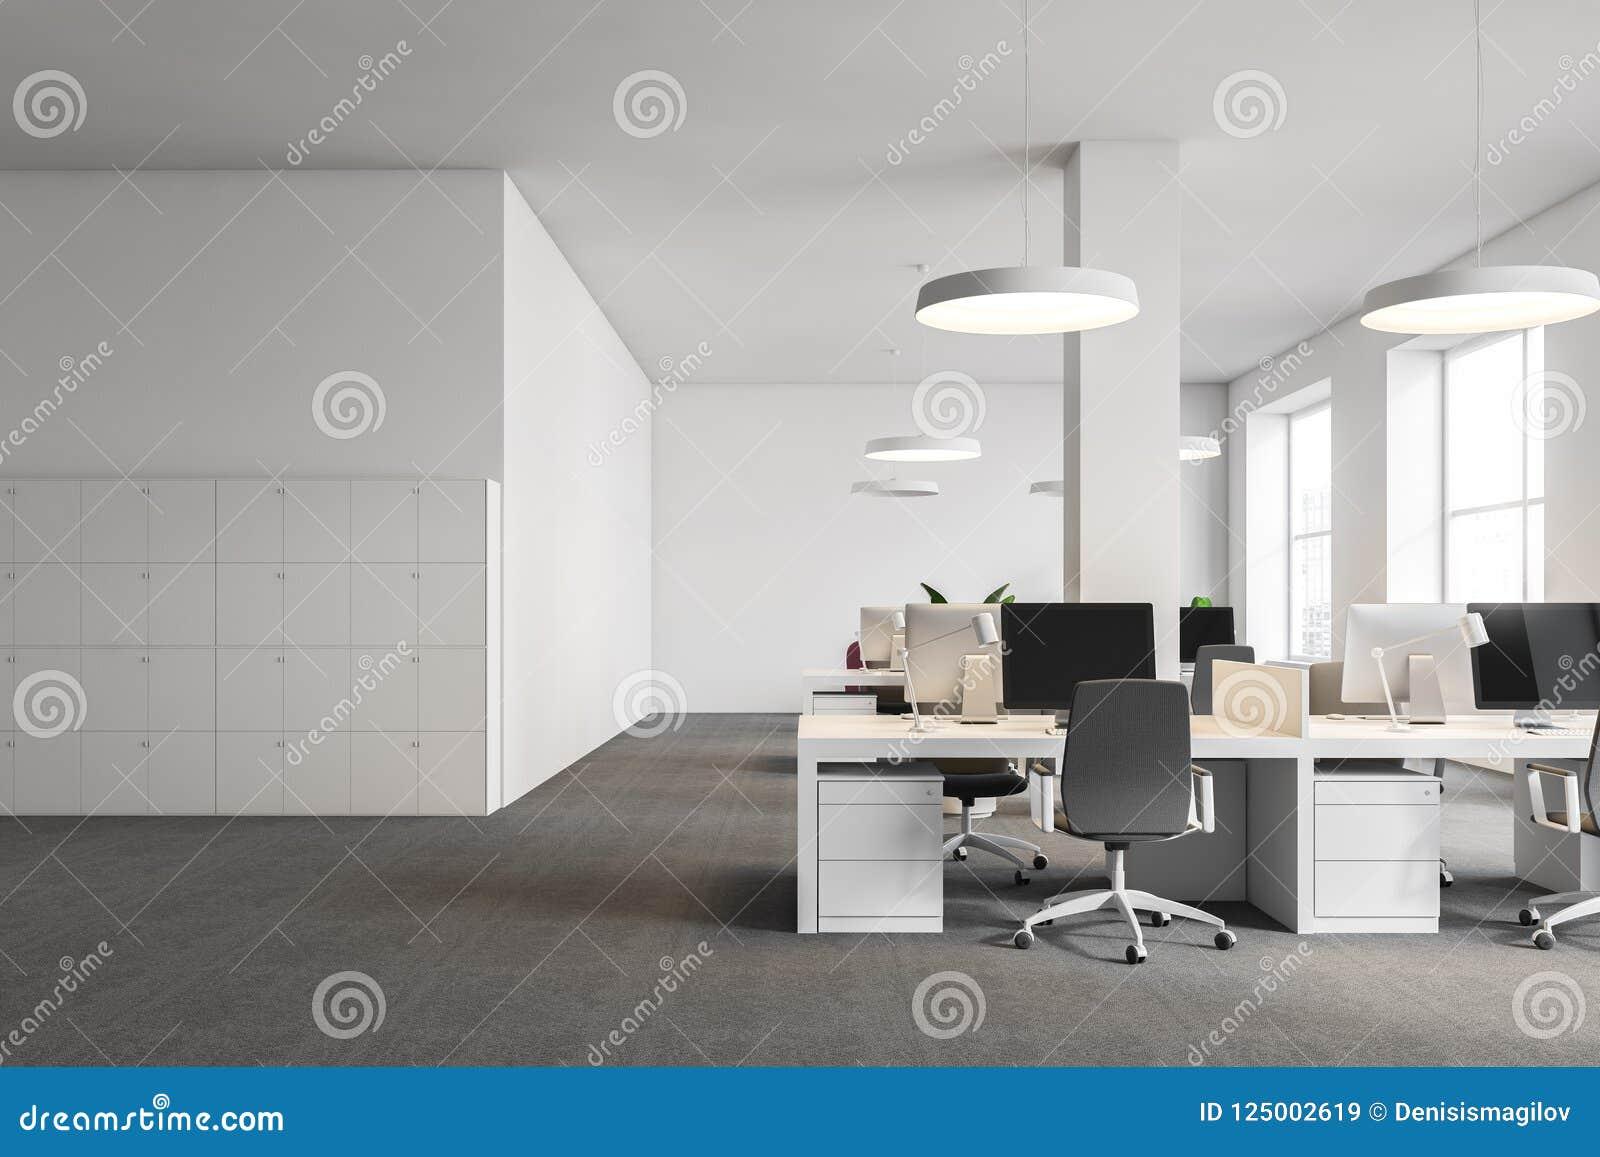 Computerlijsten In Wit Bureau Kasten Stock Illustratie